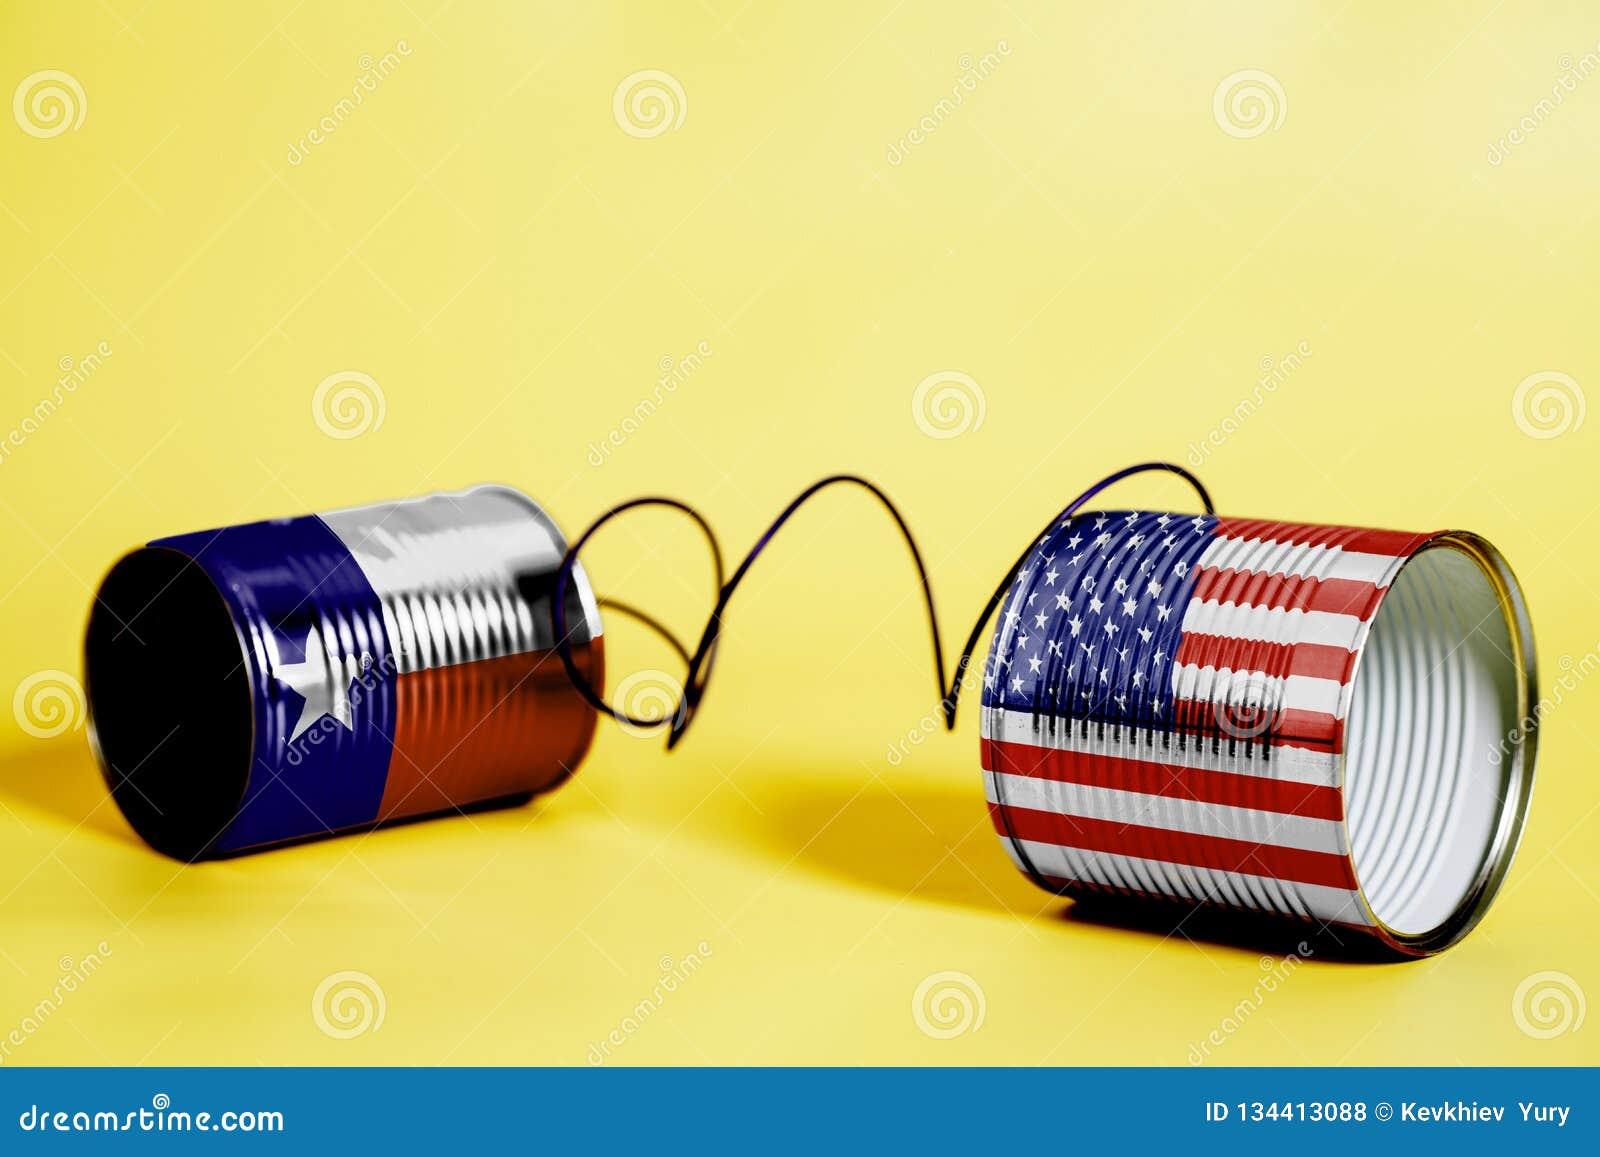 Τηλέφωνο δοχείων κασσίτερου με το U των ΗΠΑ και του Τέξας S Κρατικές σημαίες μαύρο τηλέφωνο δεκτών έννοιας επικοινωνίας